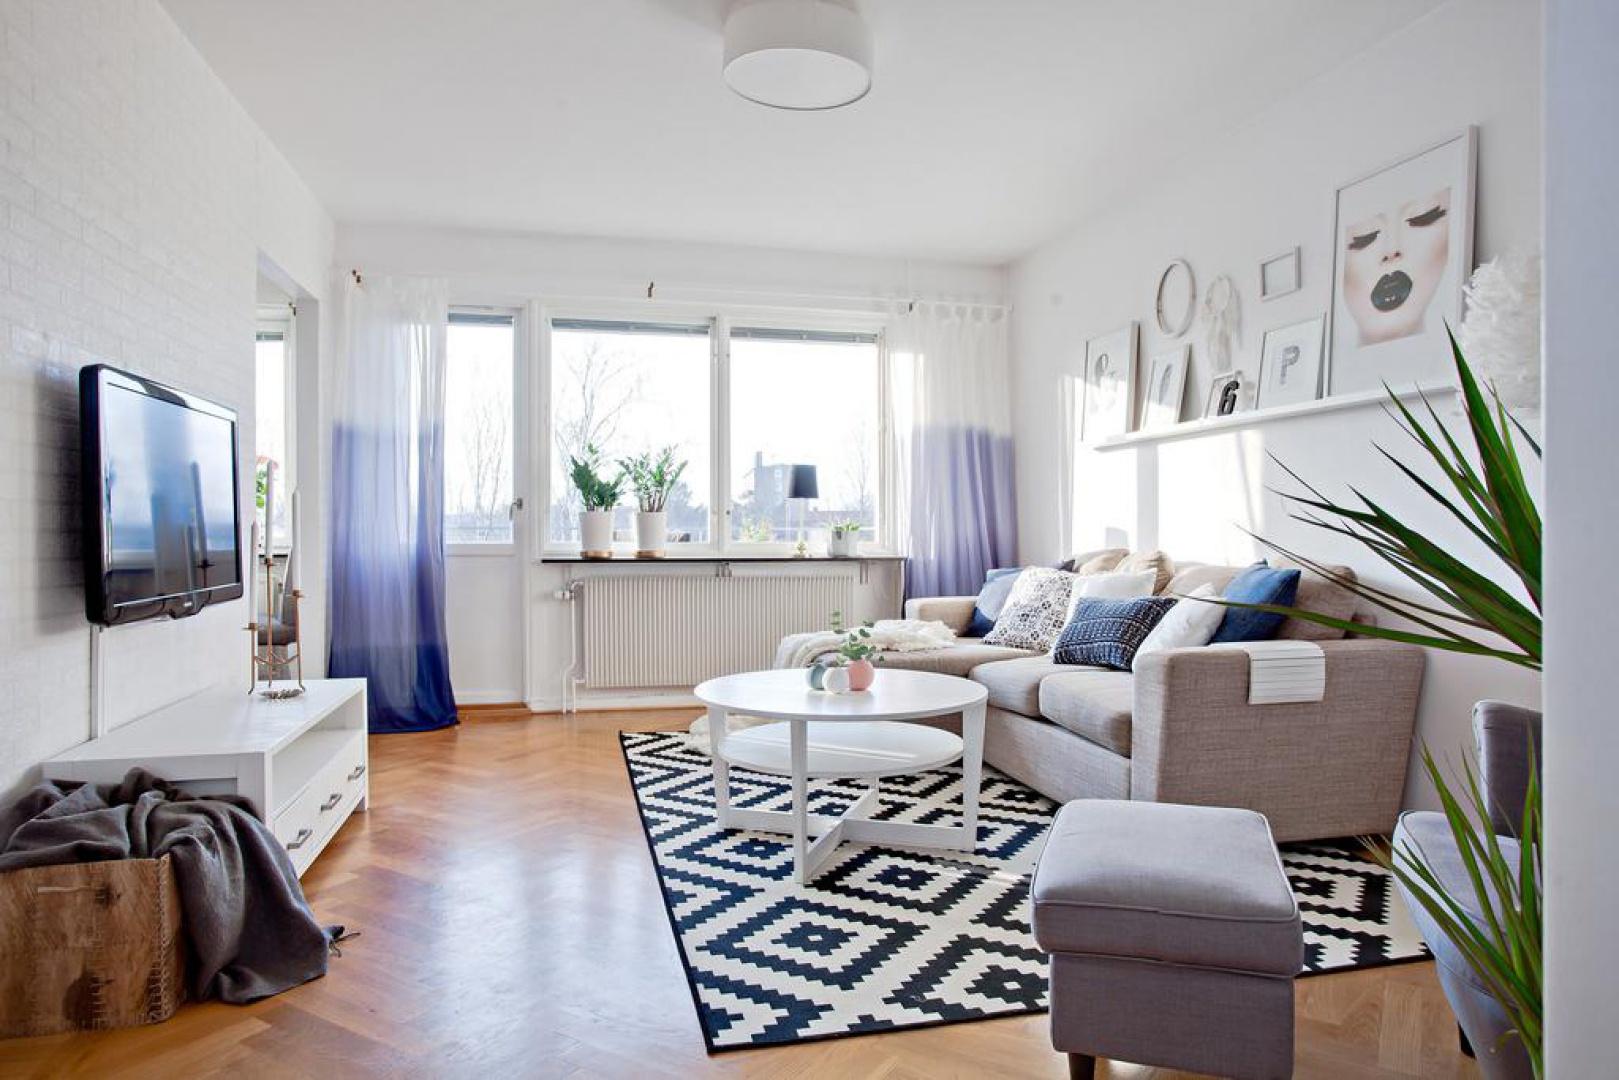 urokliwe-mieszkanie-w-jasnych-kolorach-1